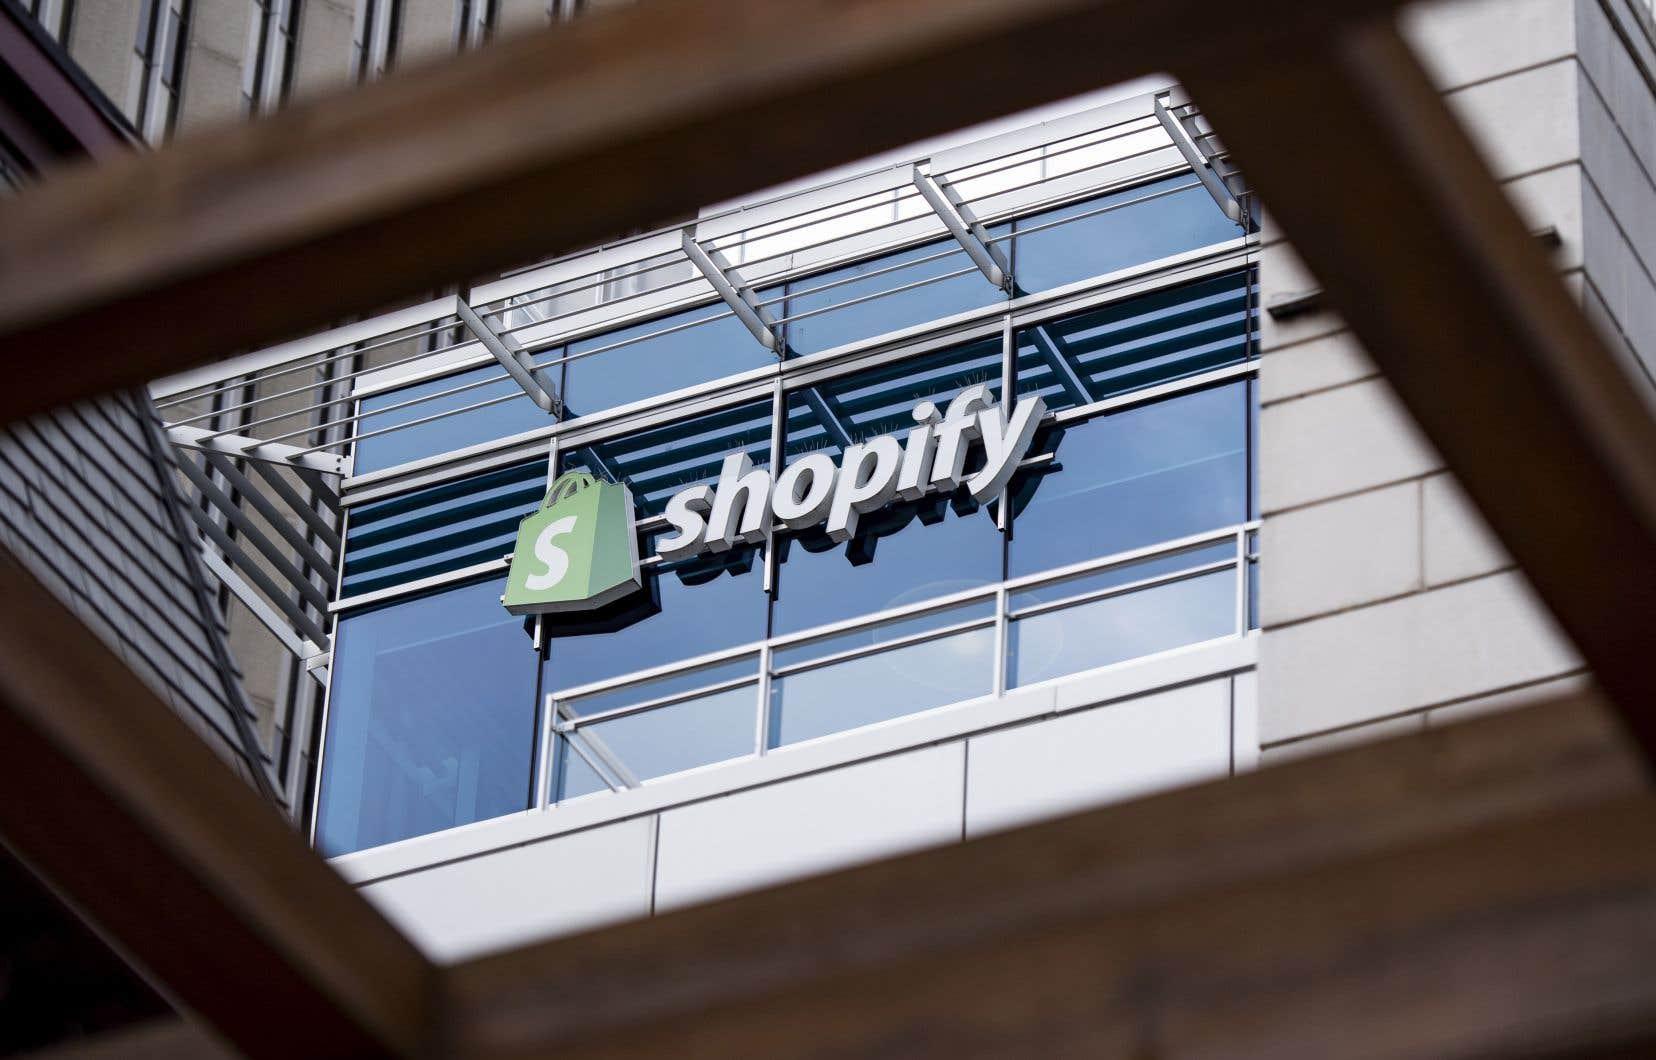 Les ententes avec Facebook et Walmart renforcent davantage l'influence et l'offre de Shopify.